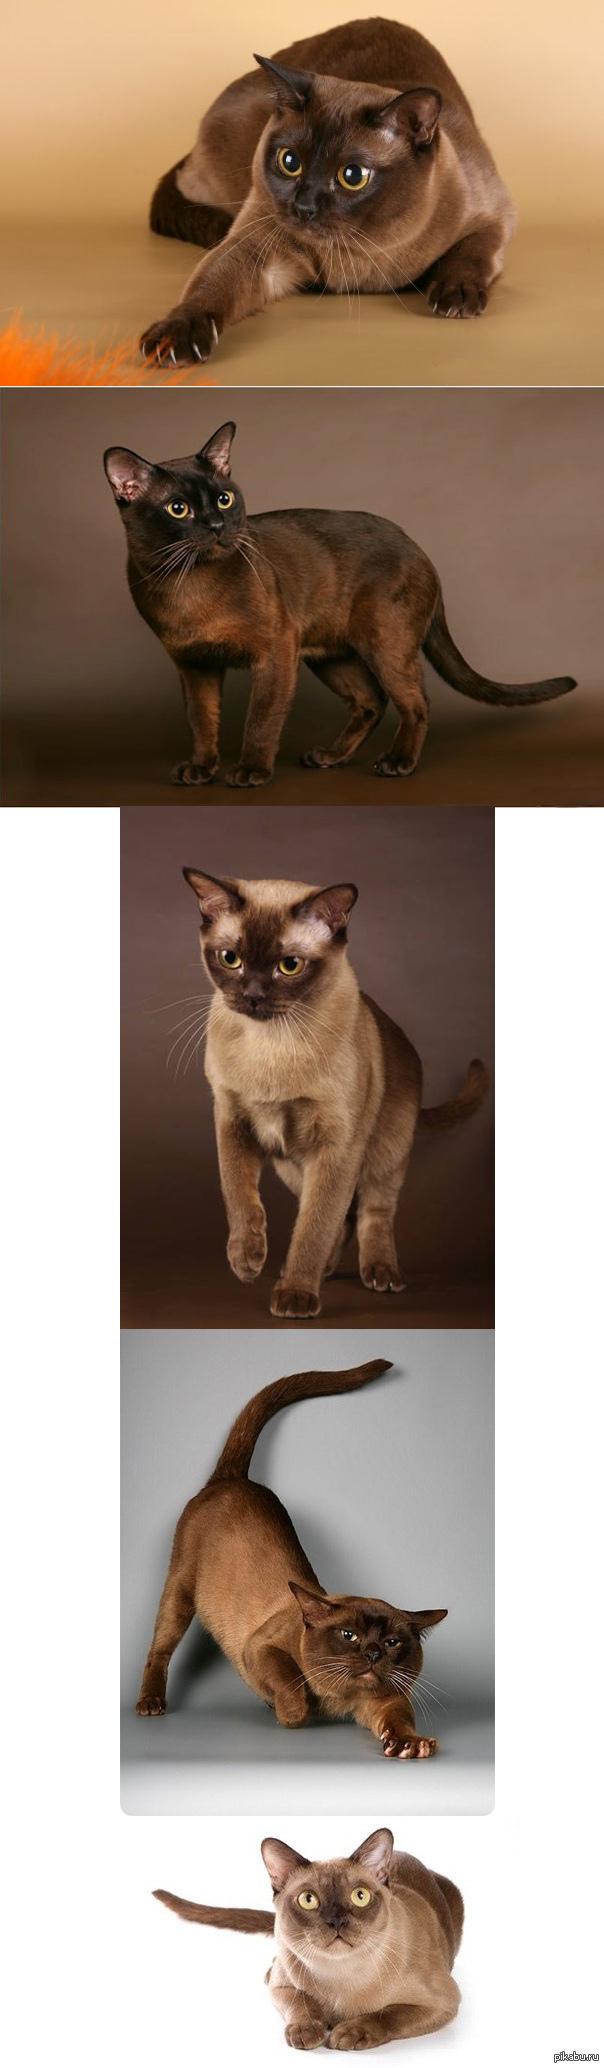 Красавица Бурма Бурманская - порода короткошерстных кошек. Ее отличает мускулистое, крепкое тело, блестящая шерсть и большие глаза желтого цвета.